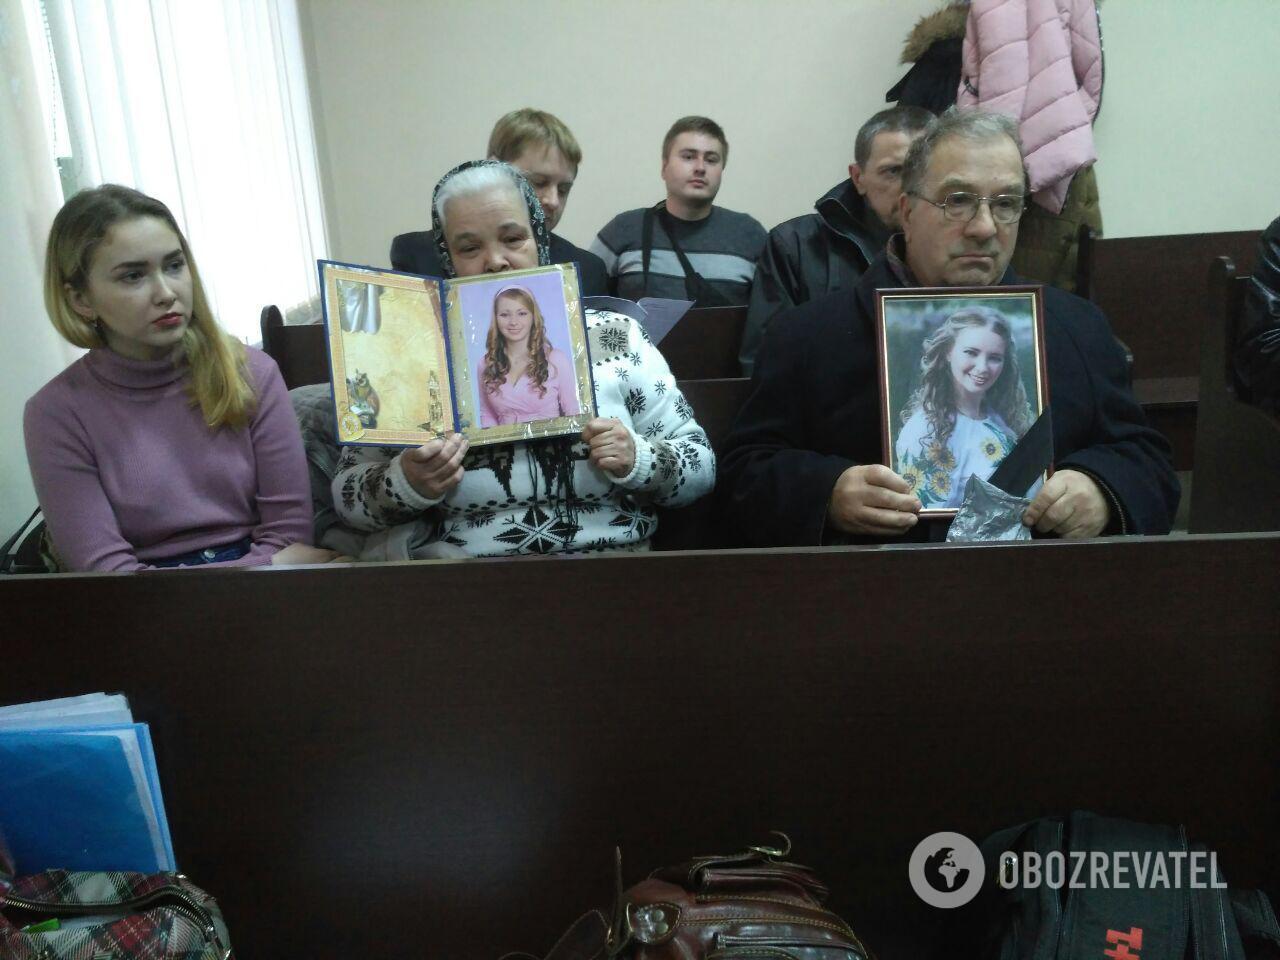 Битва за справедливость: виновник смертельного ДТП едва не добился амнистии